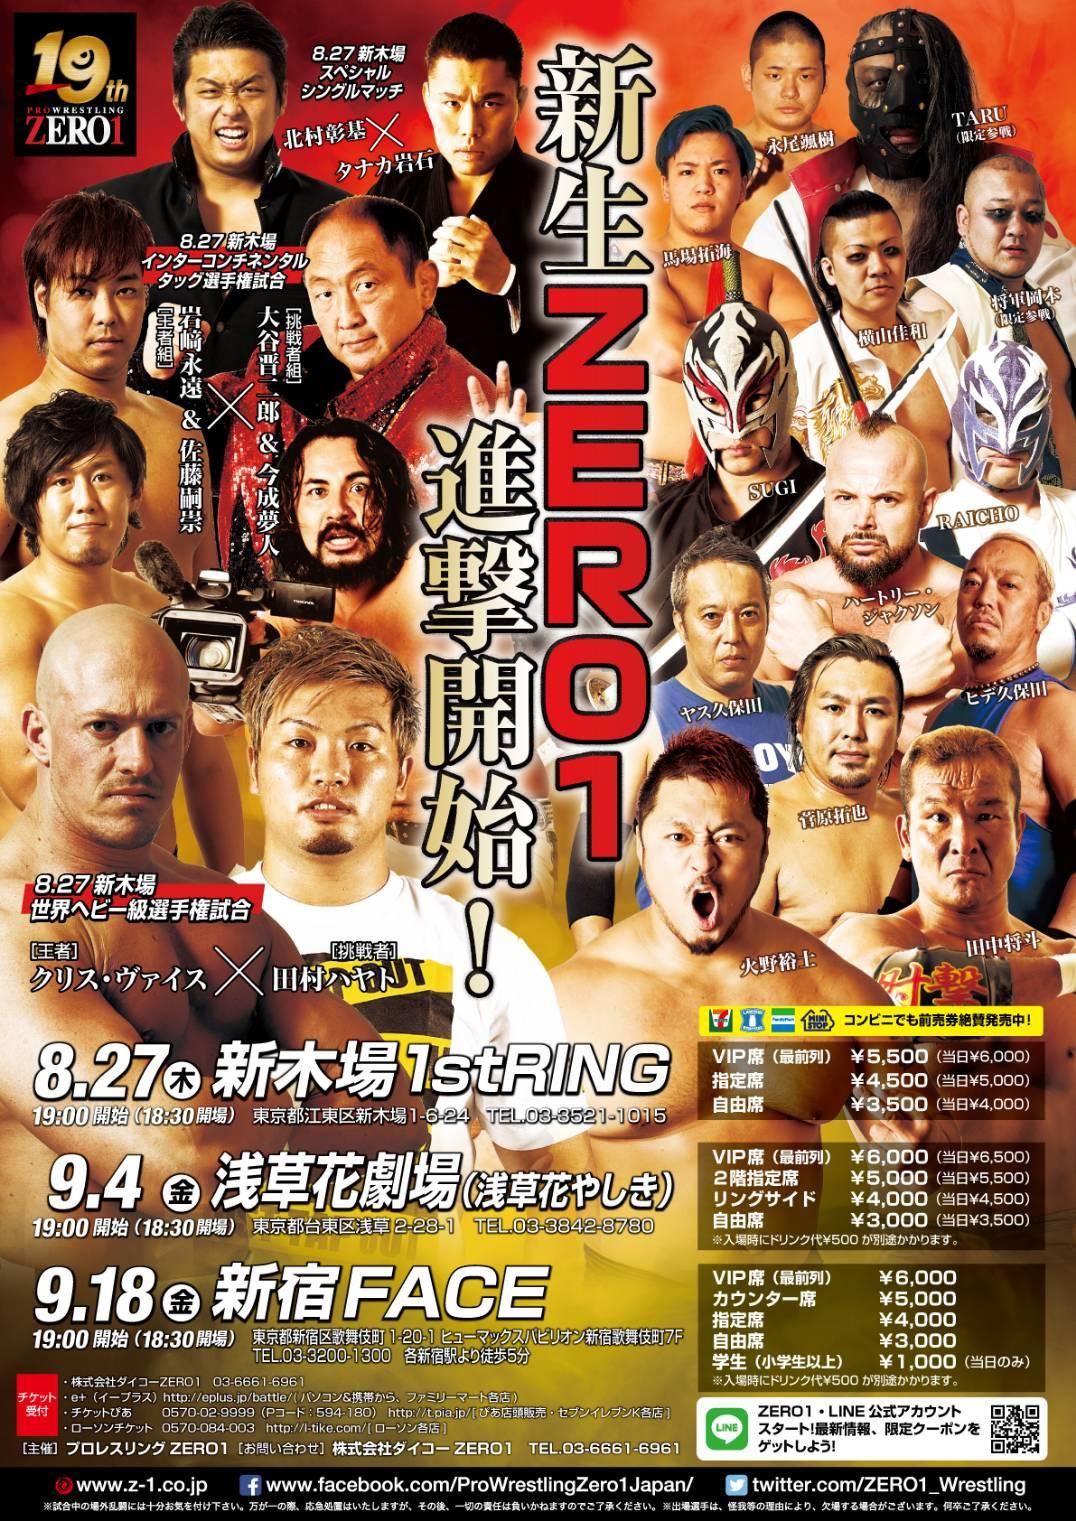 『新生 プロレスリング ZERO1進撃開始! 新宿大会』のチケットが販売中